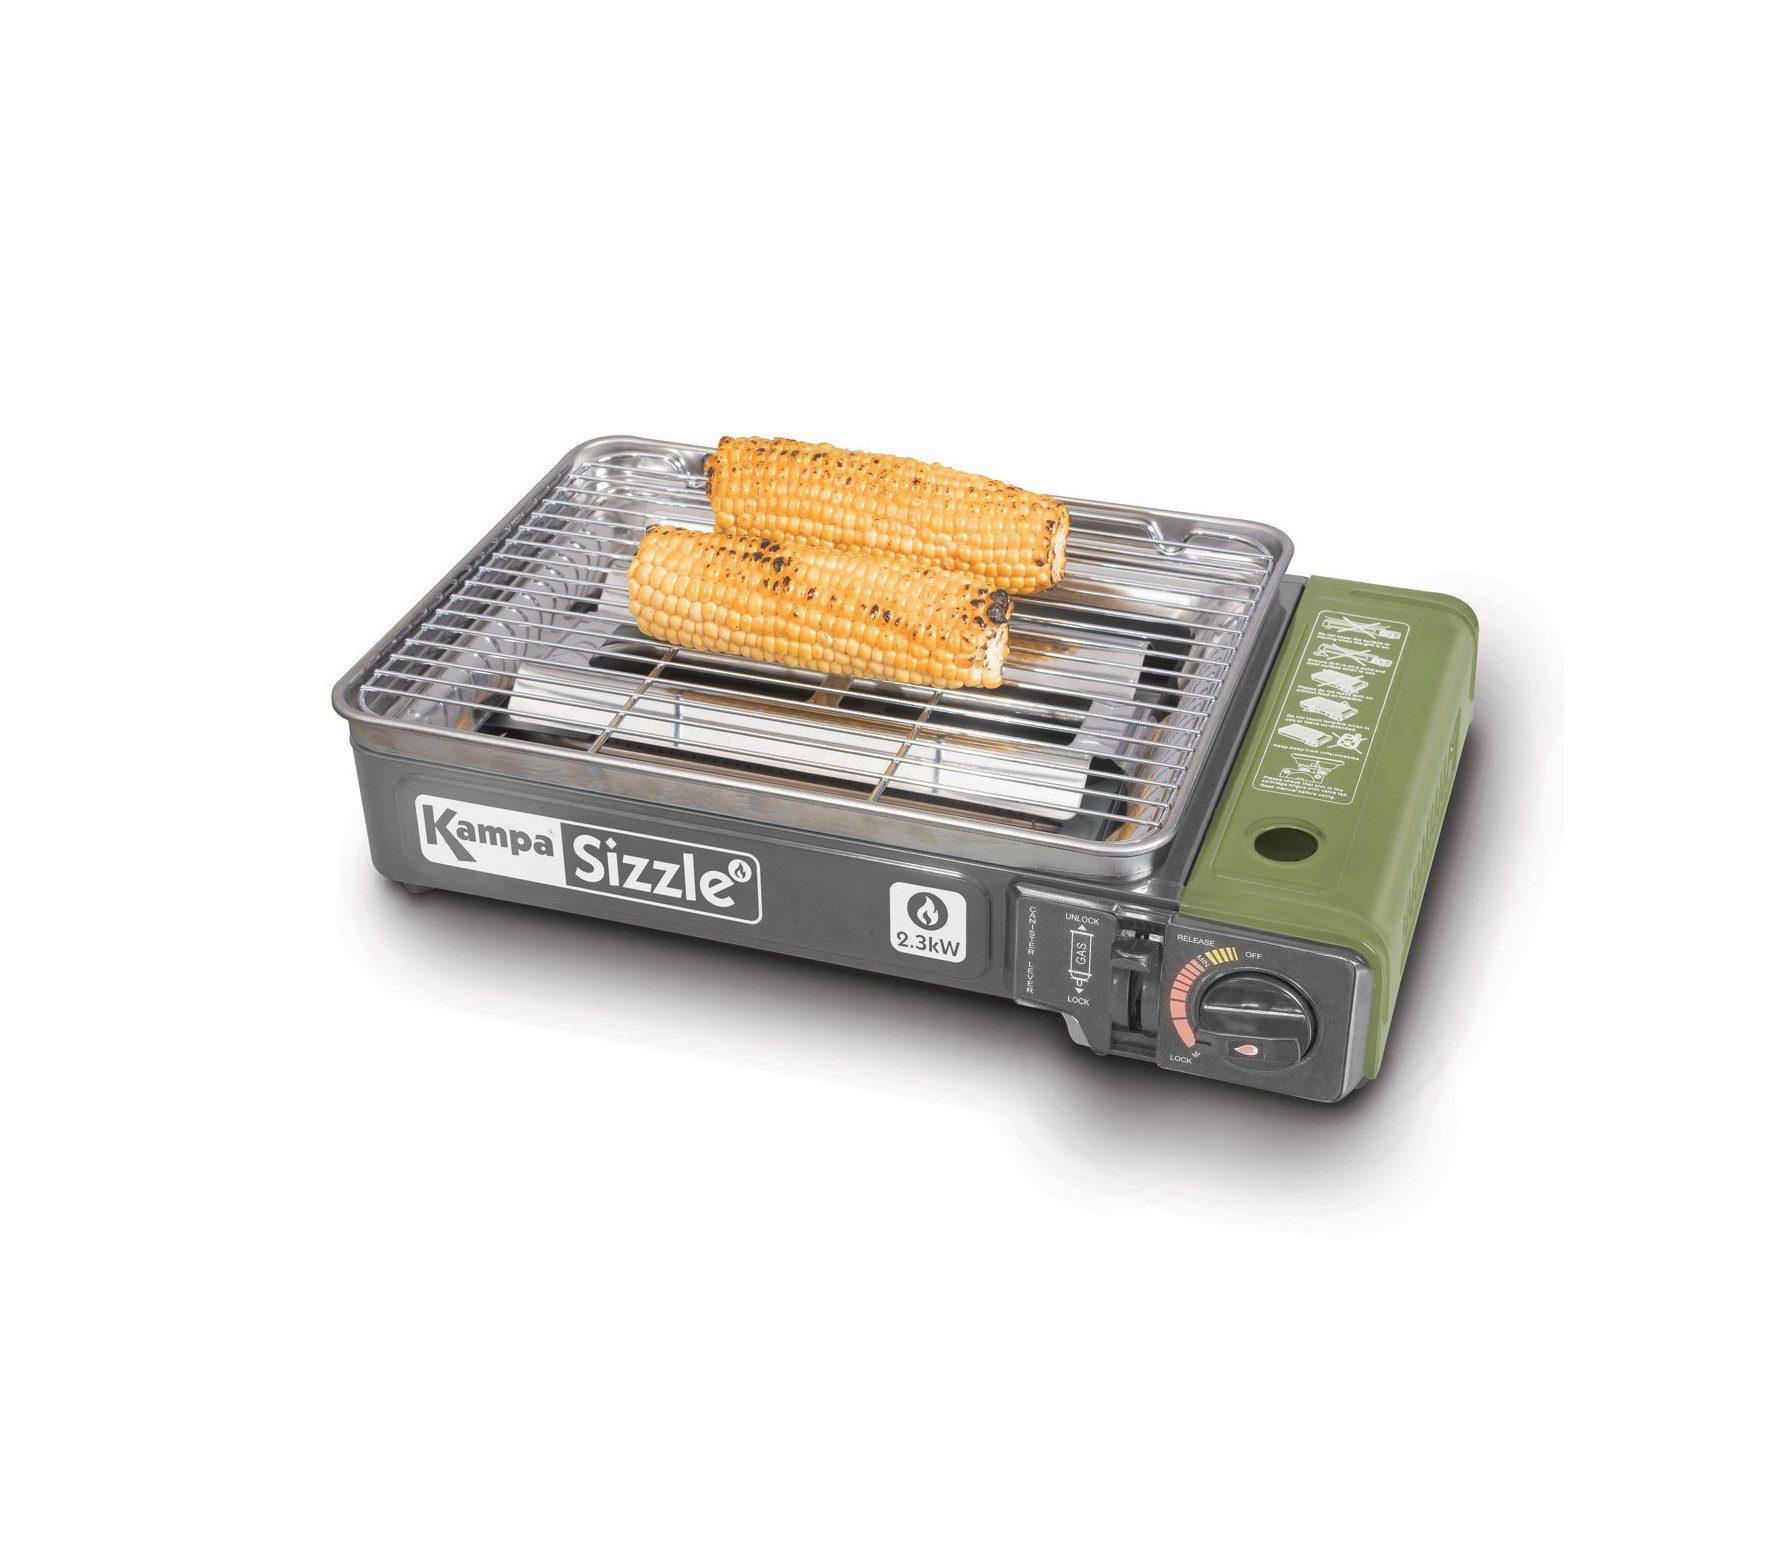 Kampa Sizzle camping stove grey